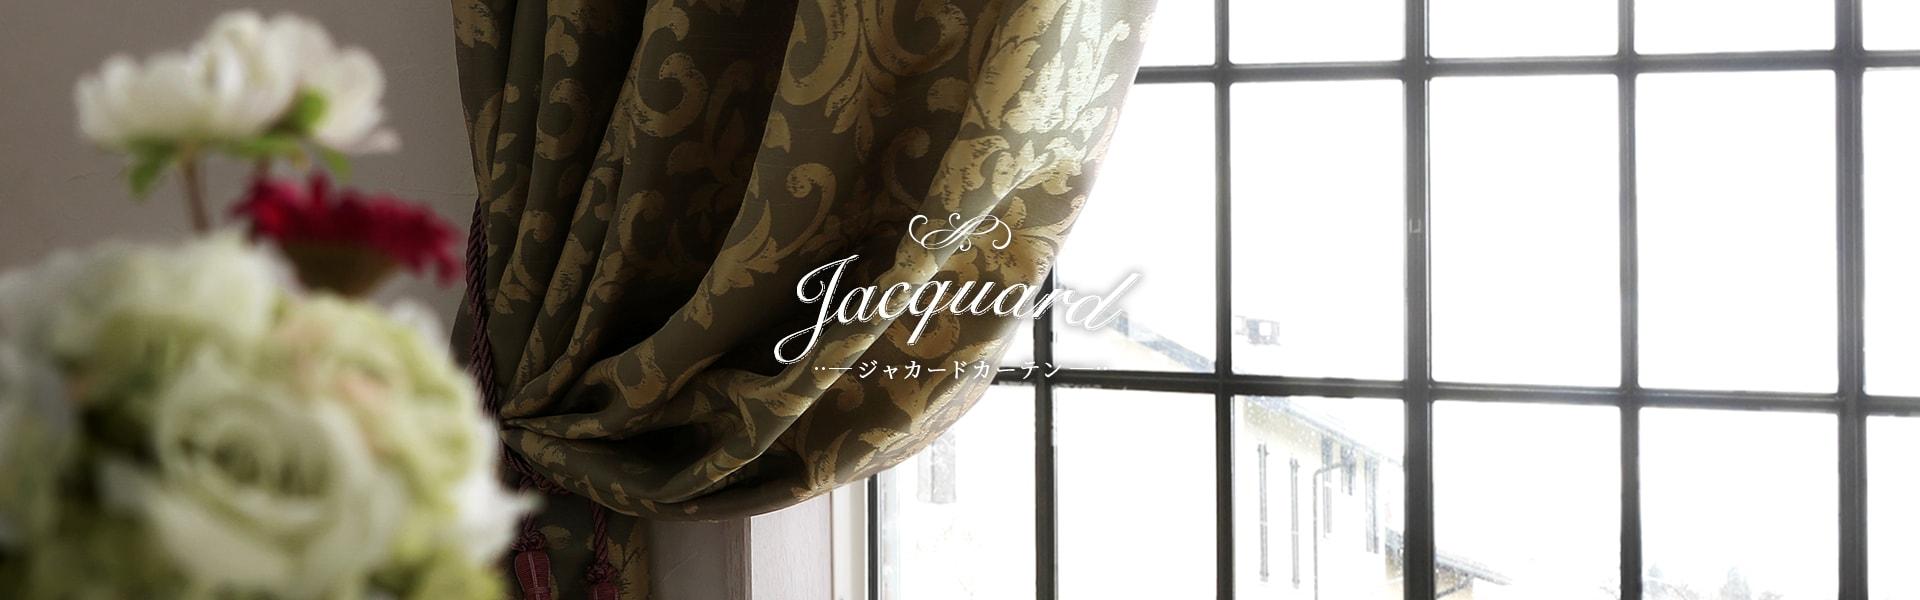 品格漂う華やかな「jacquard〜ジャカード〜」